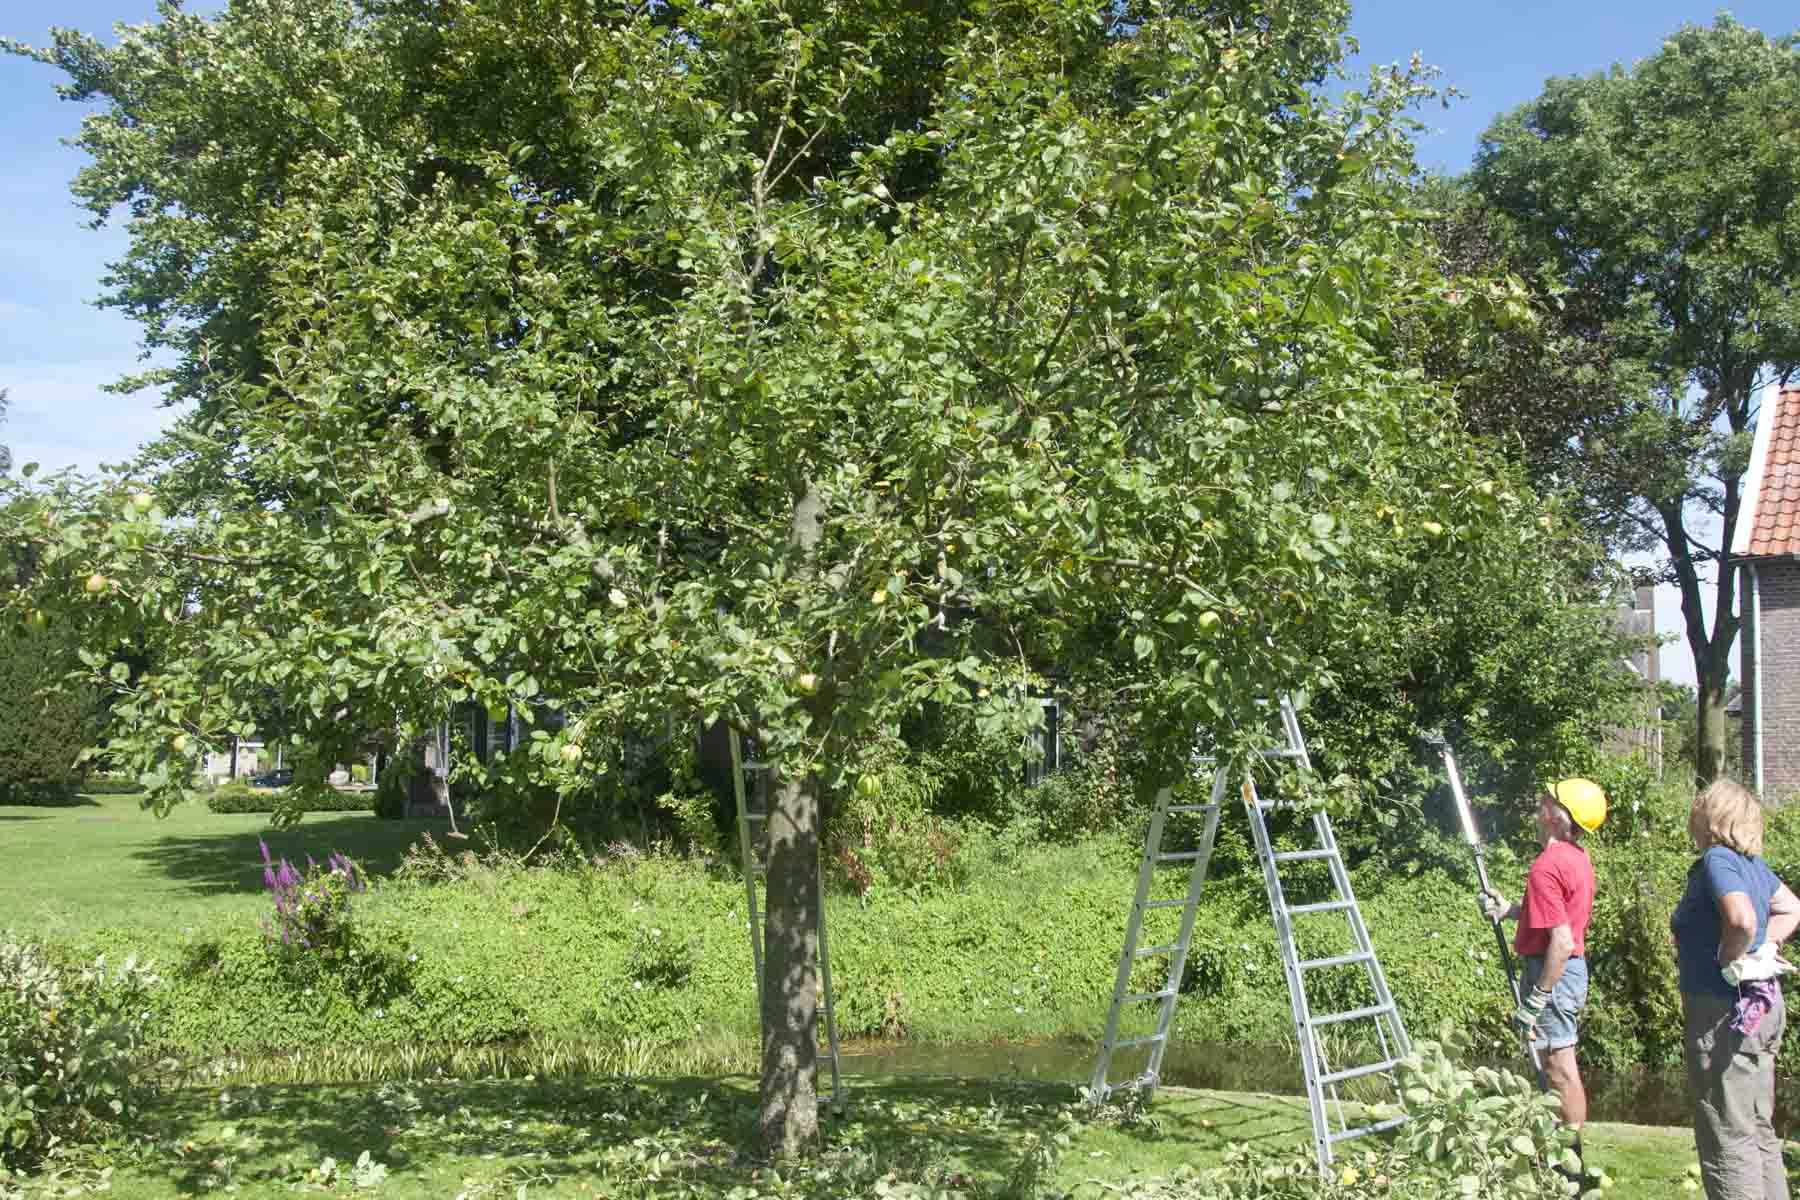 2012-08-18-hsb-steenwijkerwold-4117